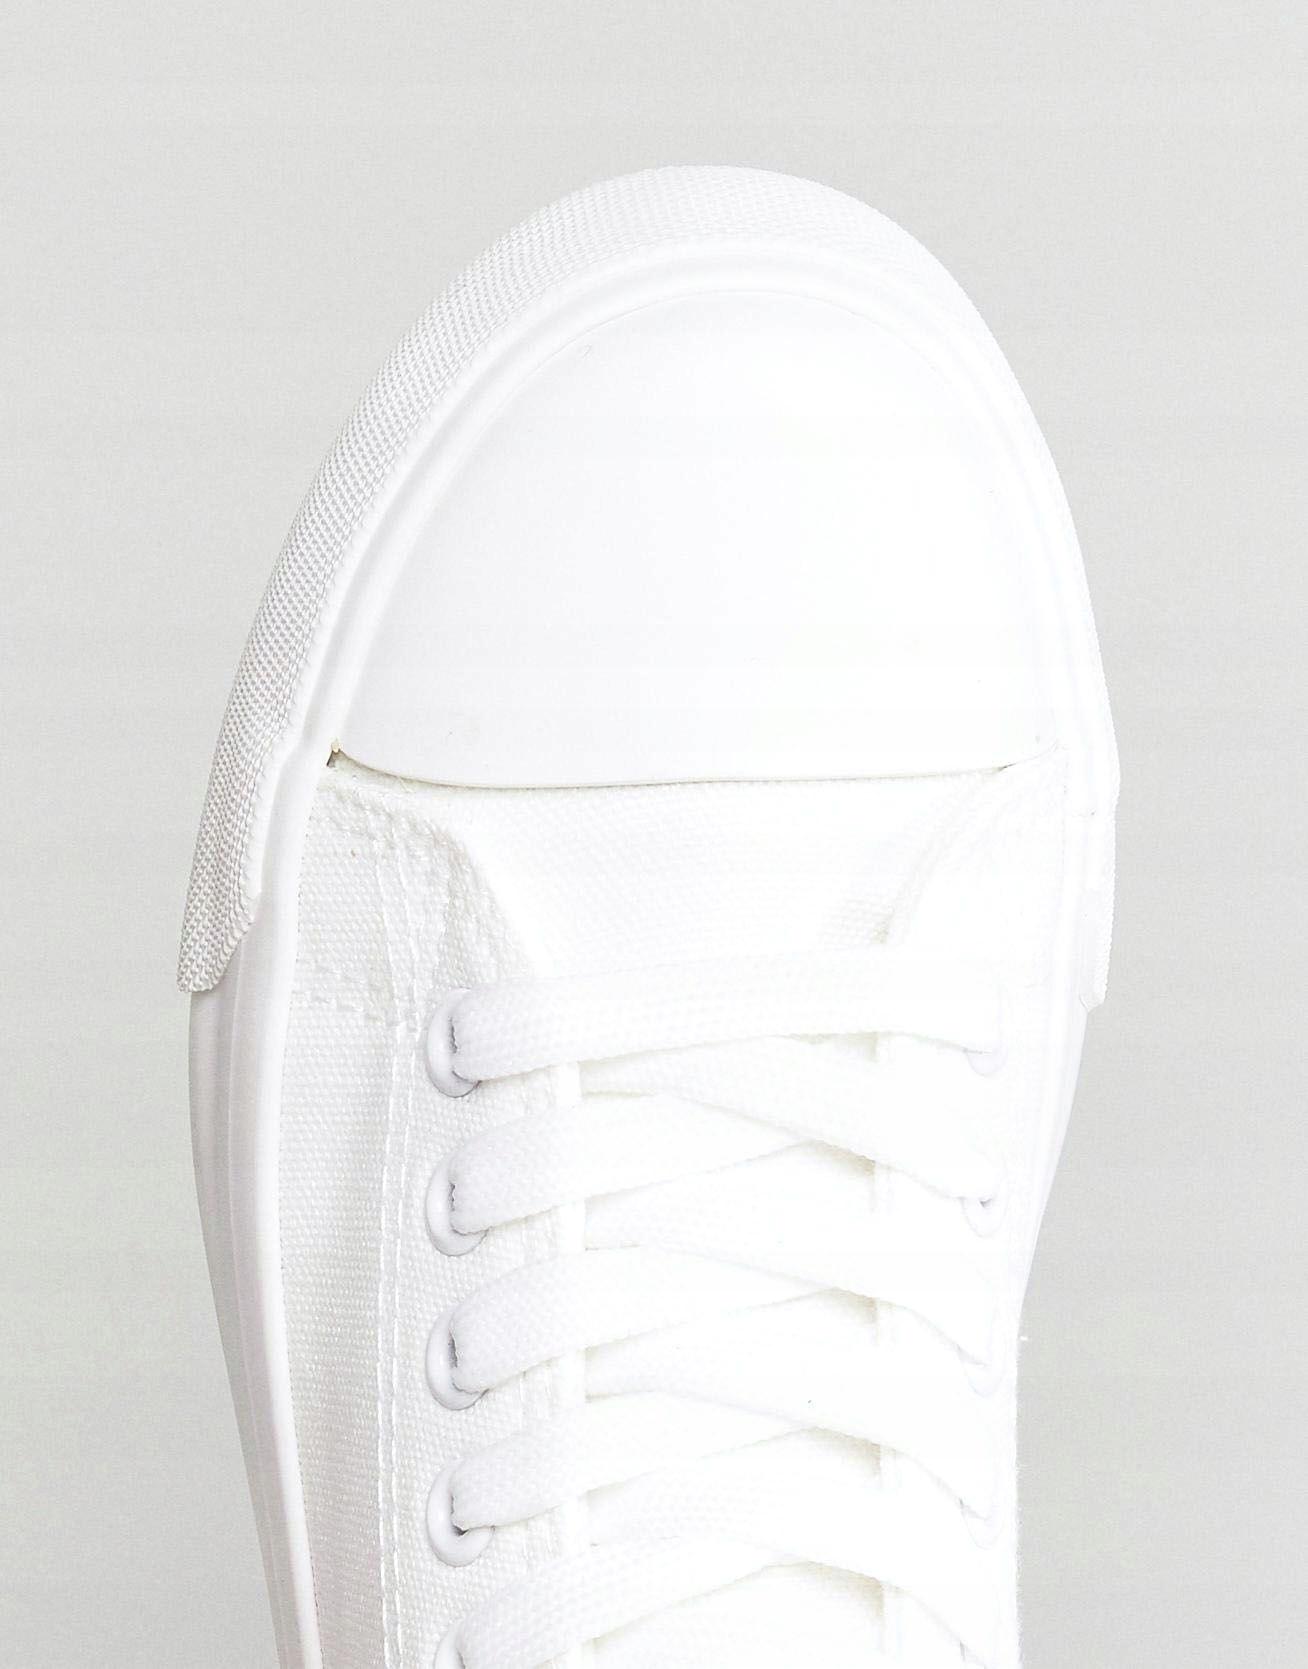 c013afef48359 New Look Białe Trampki na Platformie 37 - 7610123190 - oficjalne ...